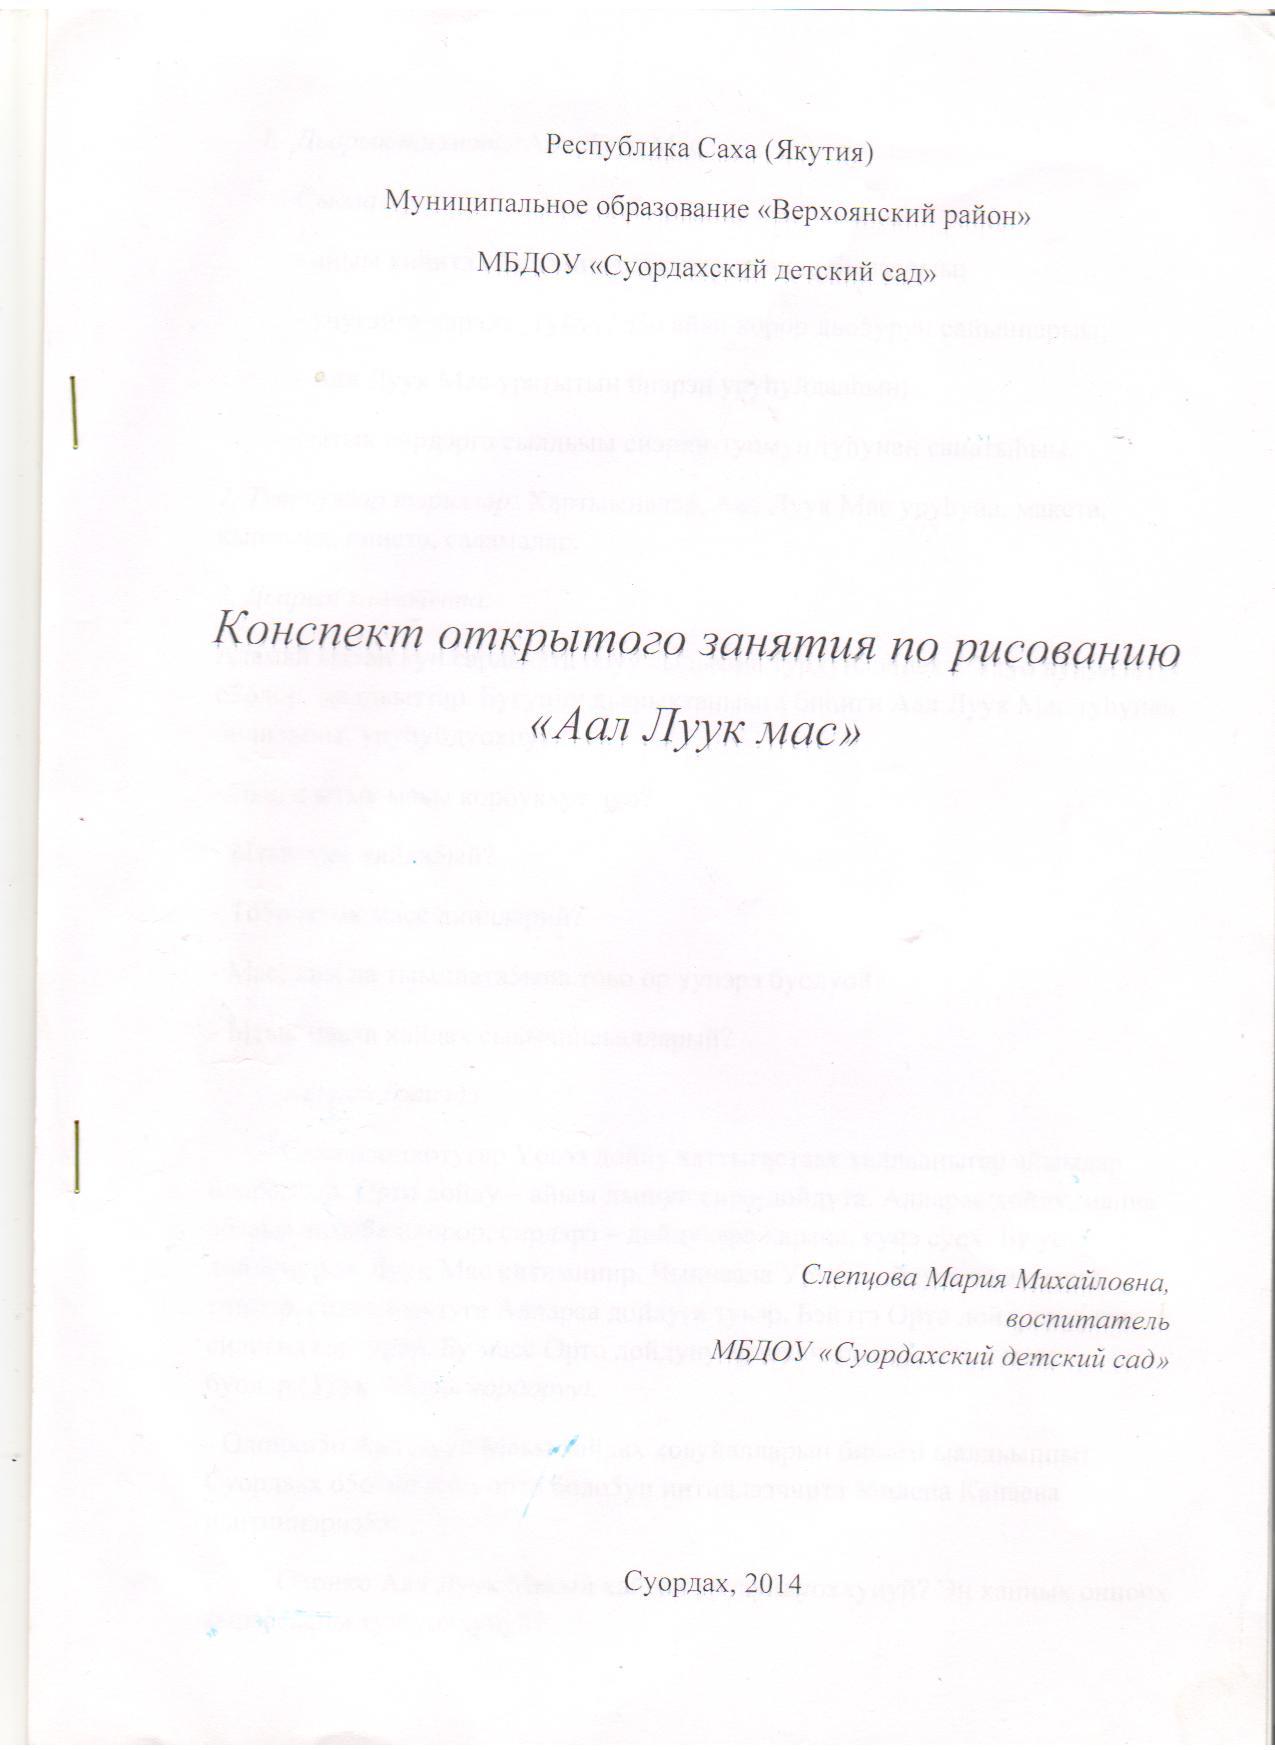 C:\Users\ученик\Desktop\Слепцова М.М\Новая папка\Слепцова М.М. 021.jpg